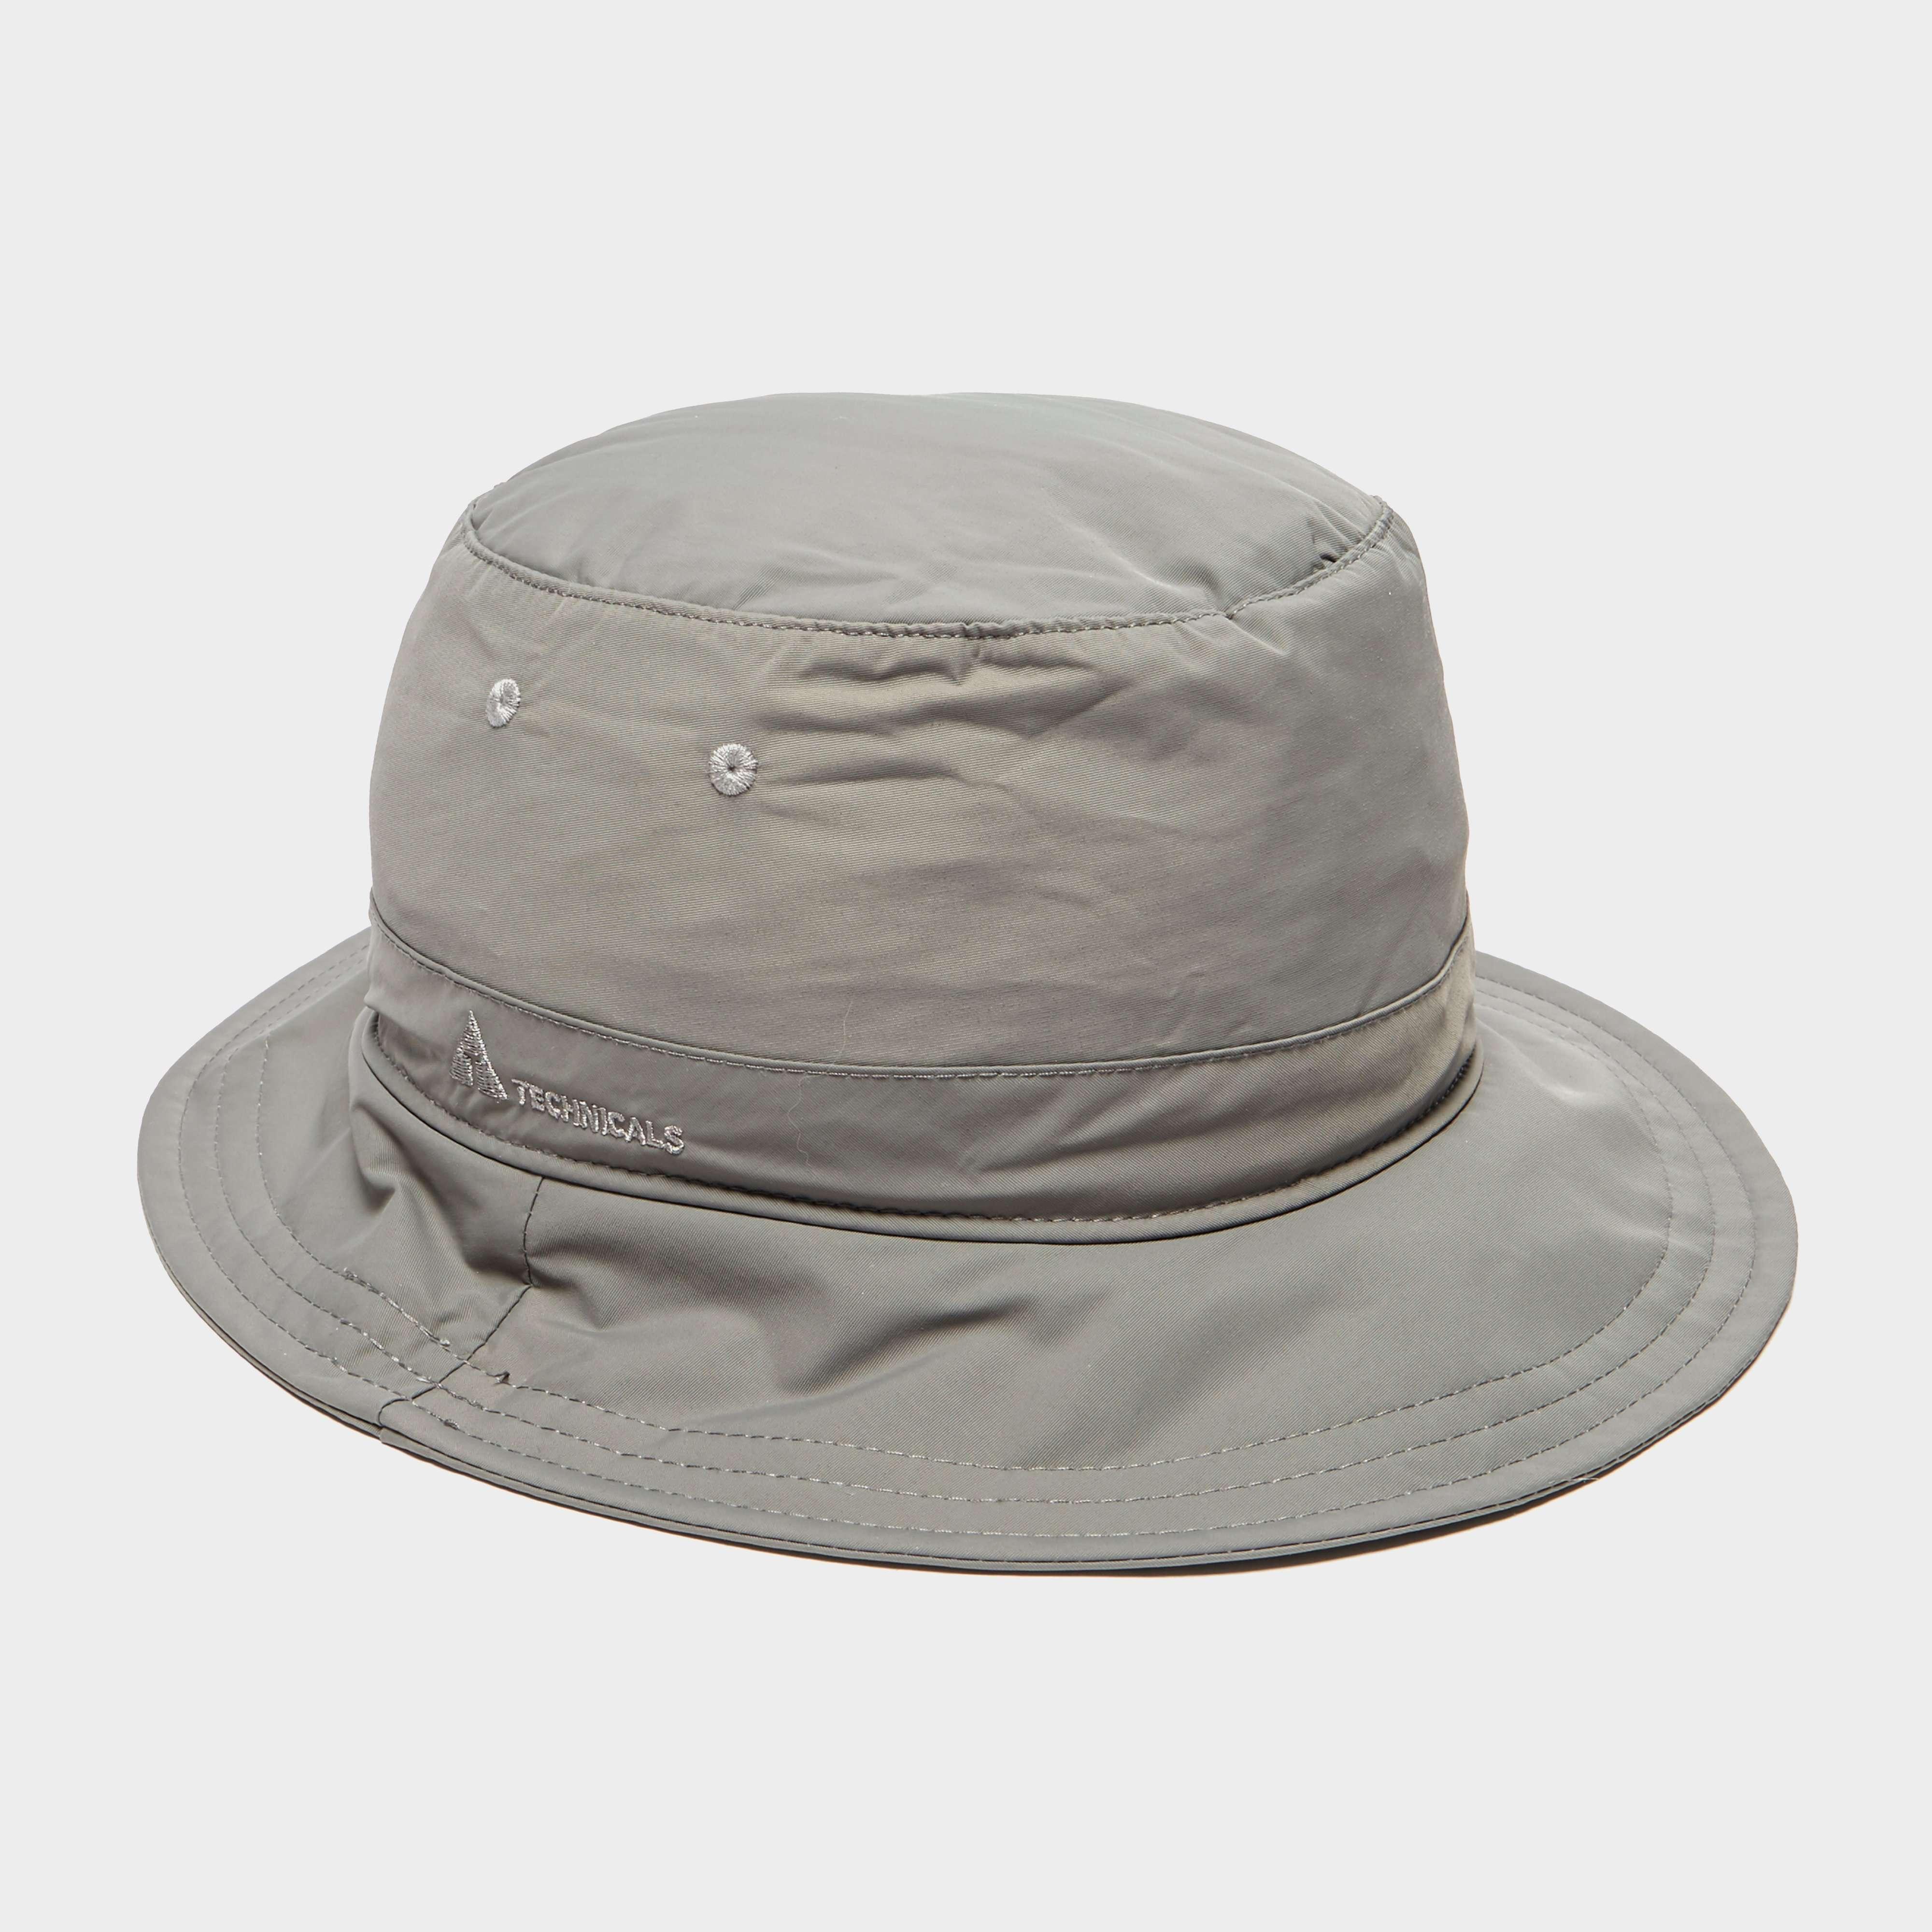 TECHNICALS Unisex Bucket Hat